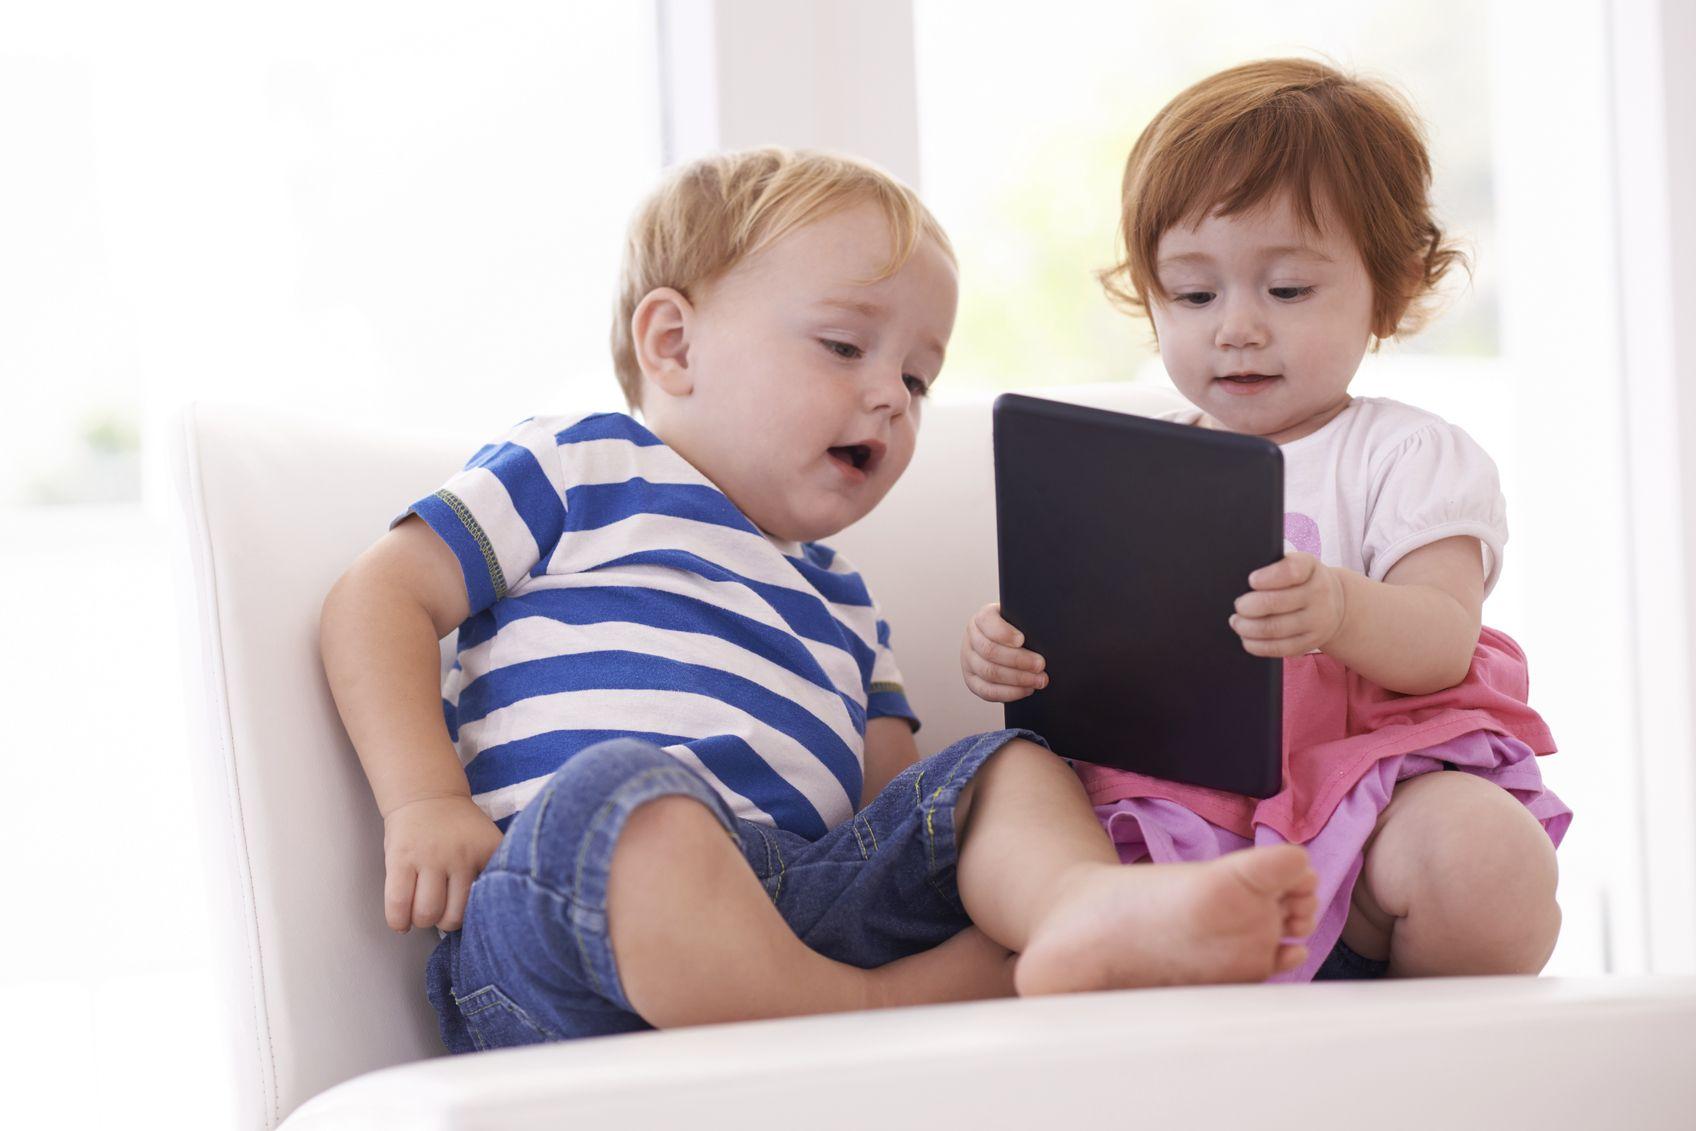 Kinder Streiten Um Spielzeug